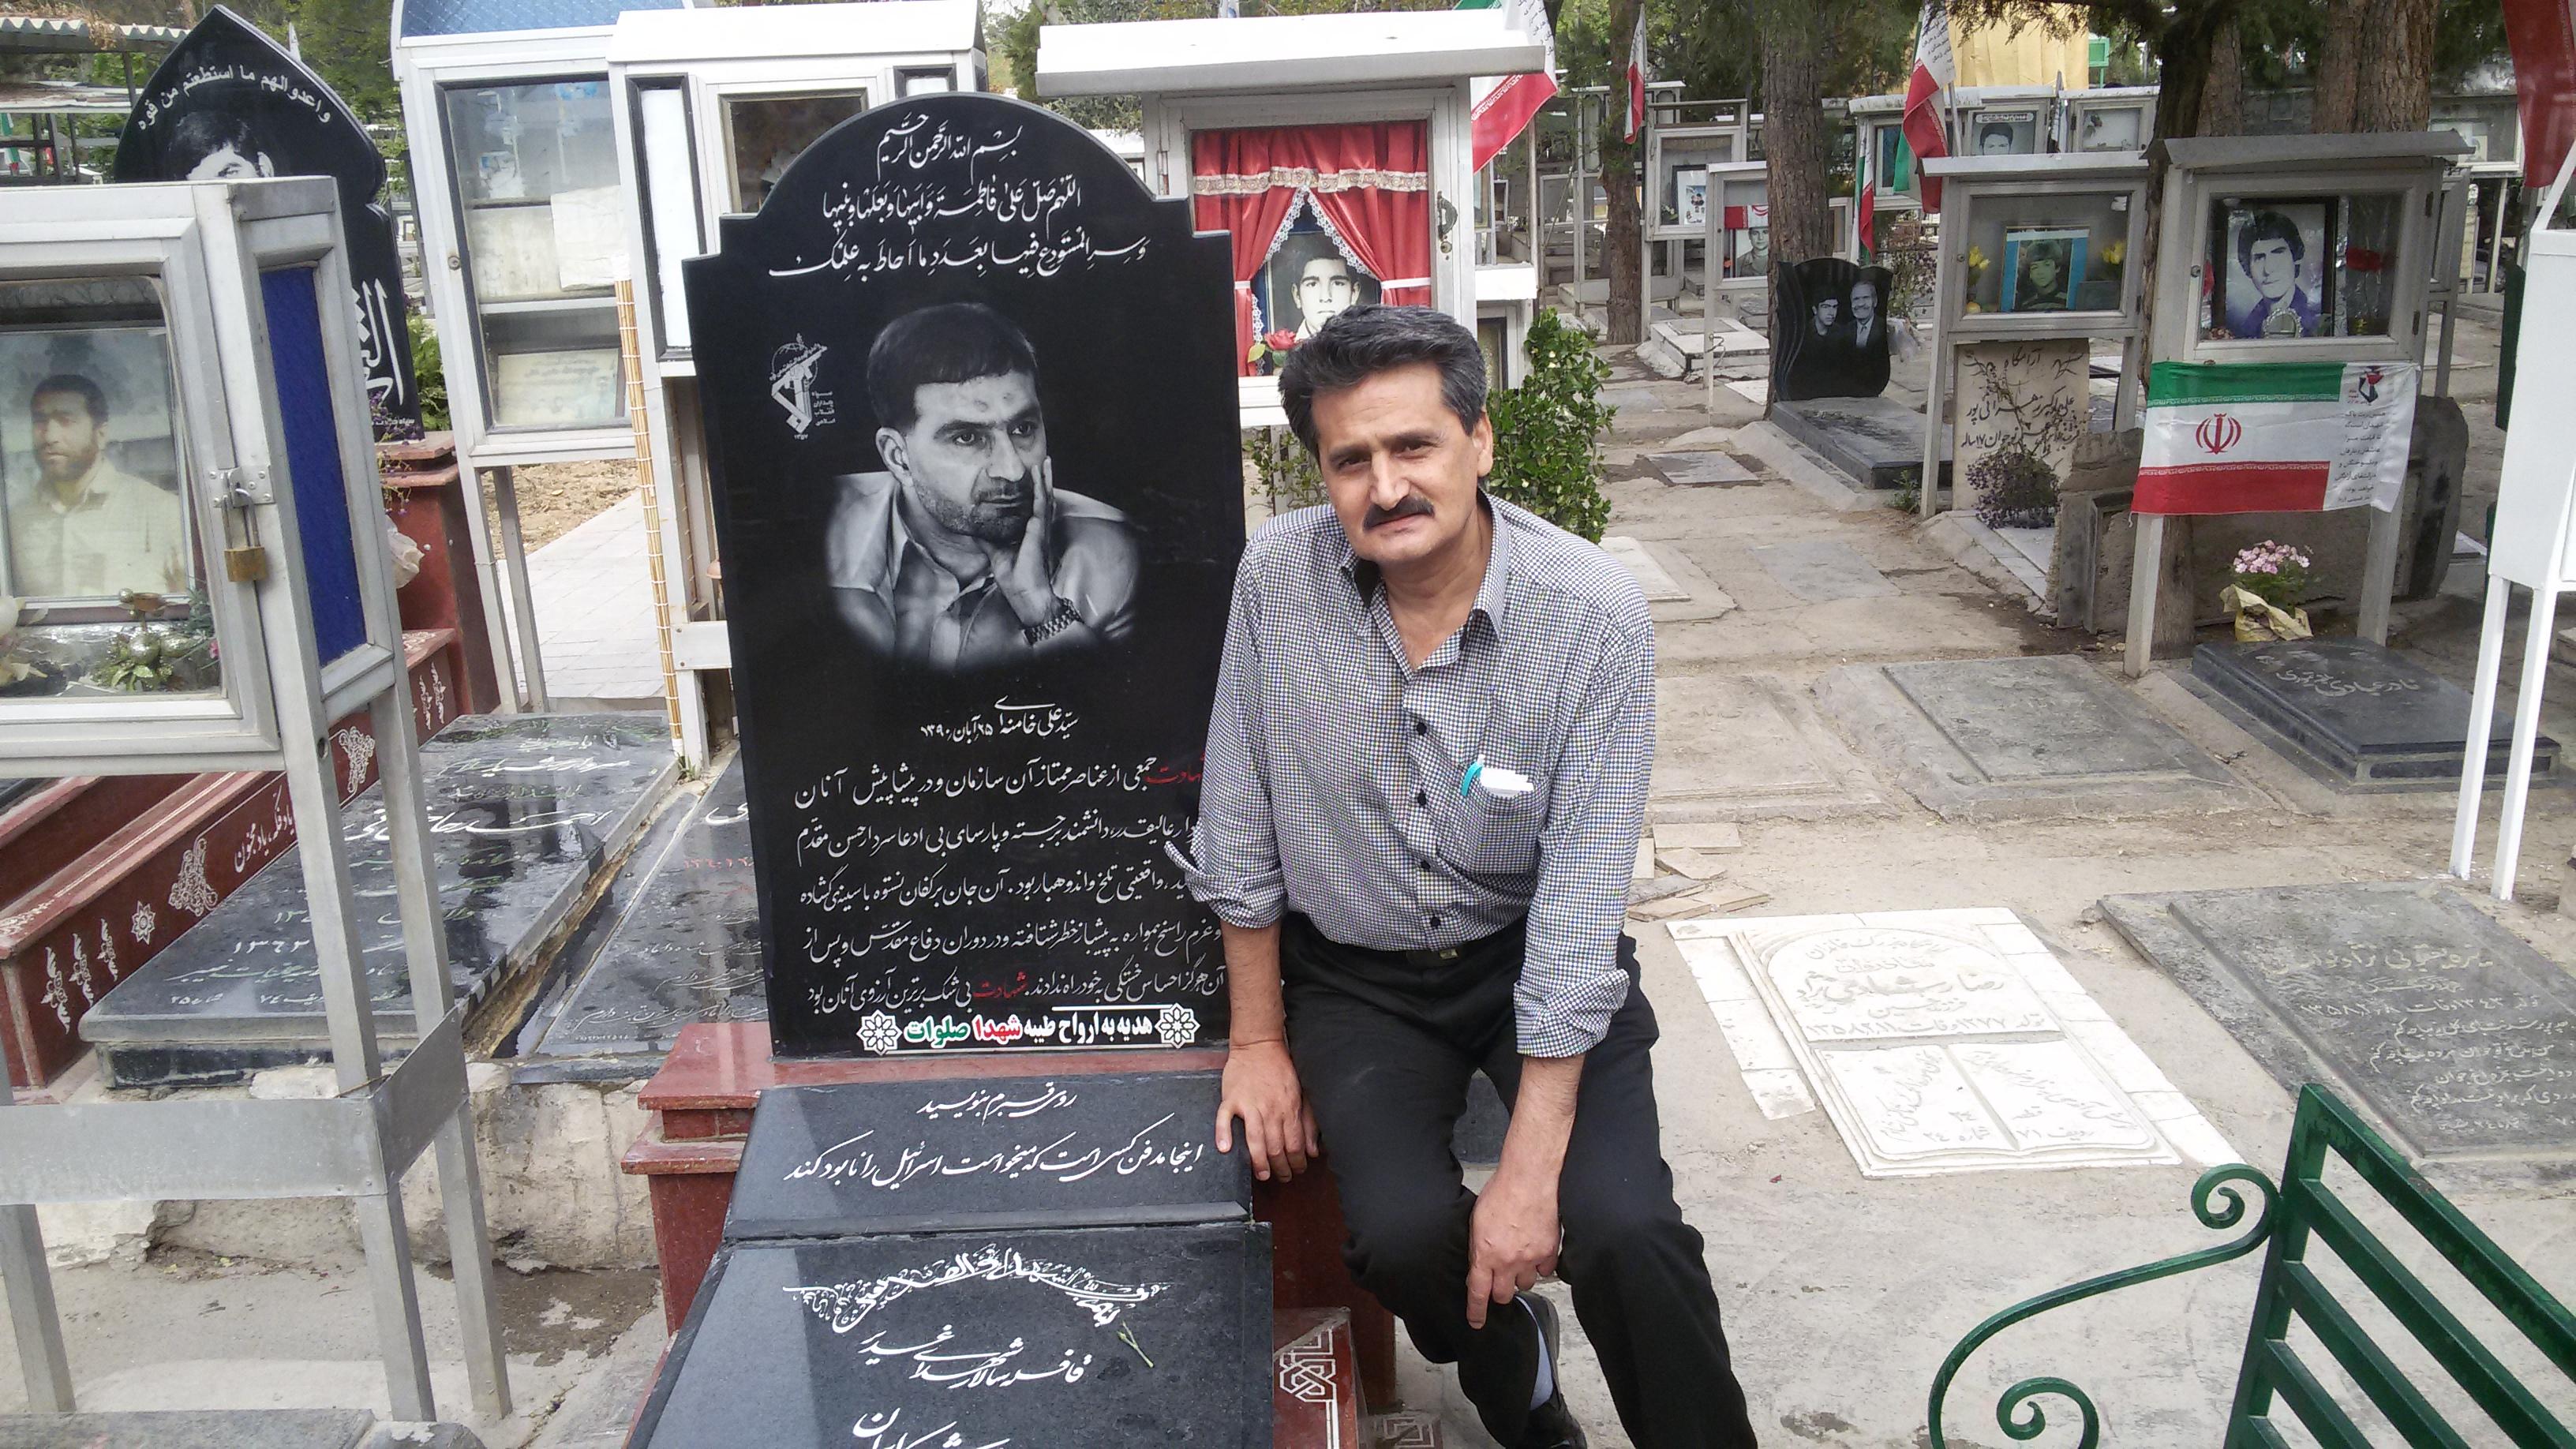 شهید بزرگوار حاج حسن طهرانی مقدم معتقد بود که فقط انسان های ضعیف به اندازه امکاناتشان کار می کنند.